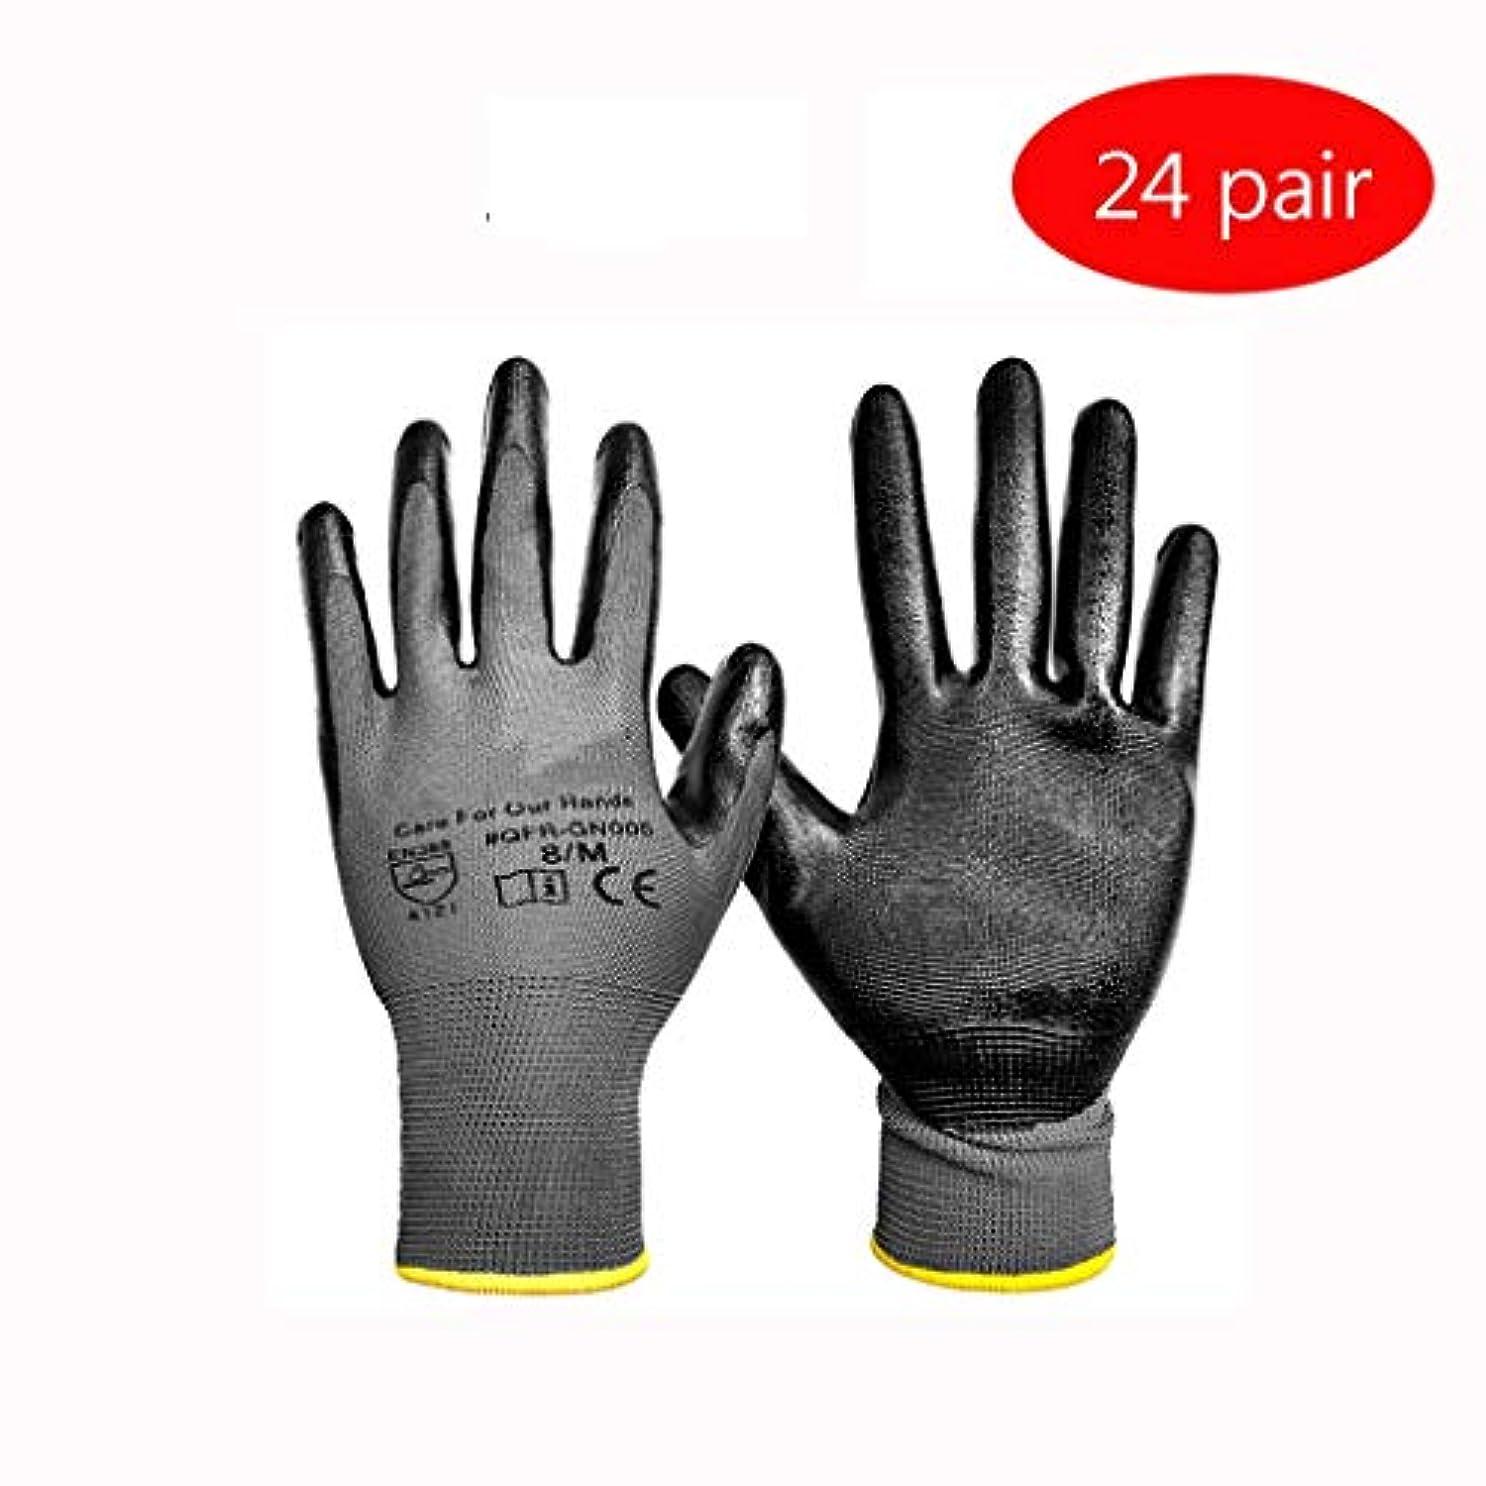 事前ウルル保有者LIUXIN プラスチック手袋/丁ハオは、手のひらの労働保護手袋/メンテナンス整備士オイルプルーフ滑り止め手袋/サイトハンドリング着用手袋/ -24を塗装 ゴム手袋 (サイズ さいず : Xl xl)